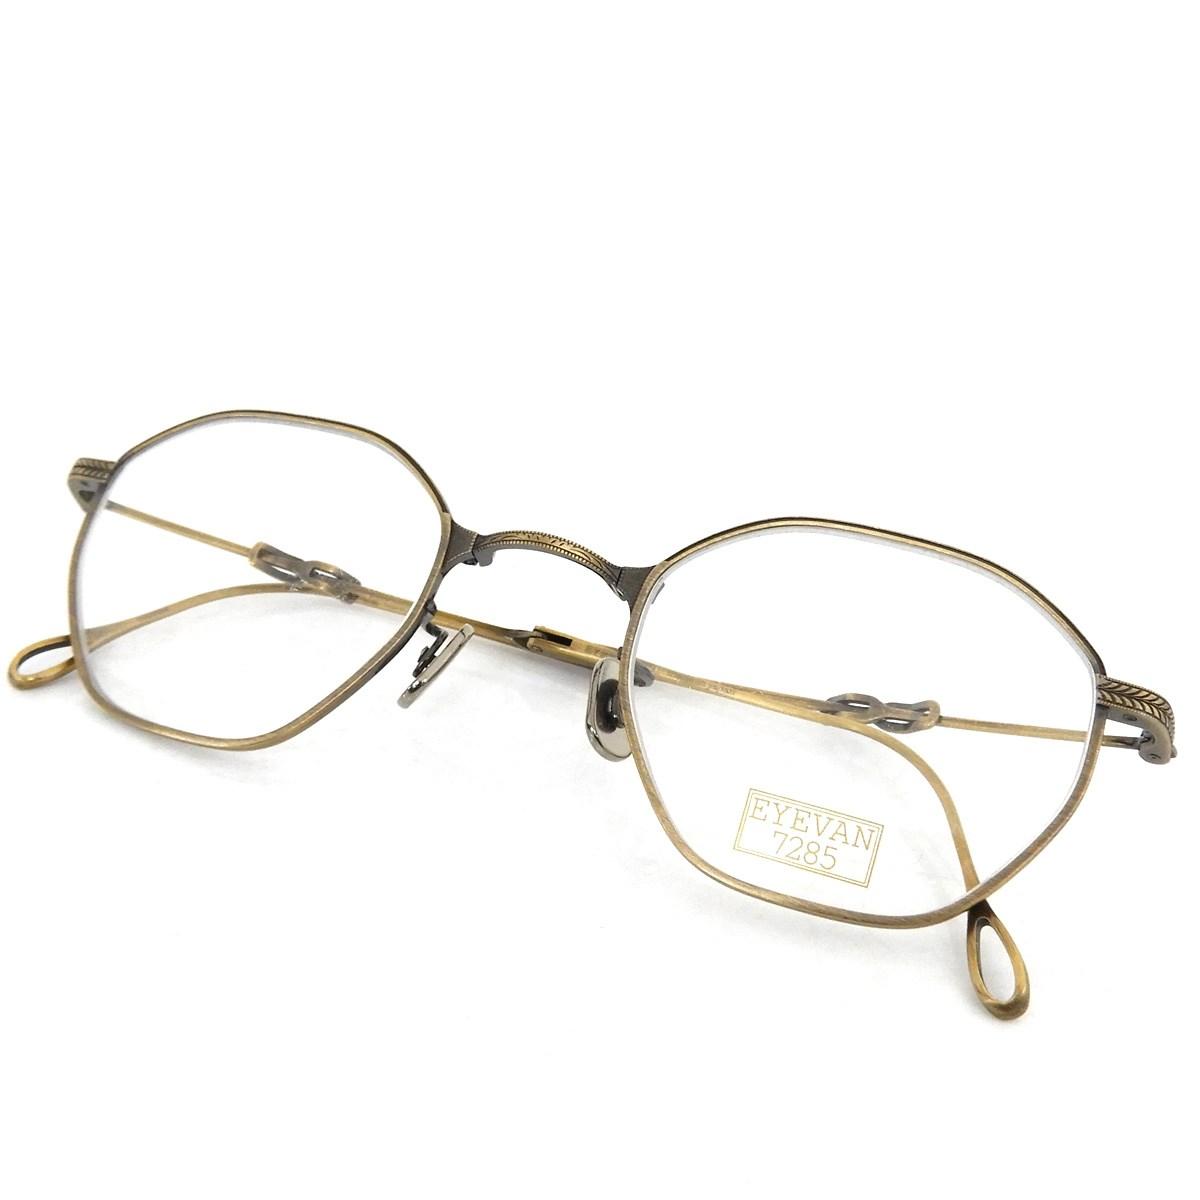 【中古】EYEVAN 7285 「803」折りたたみ式眼鏡 ゴールド サイズ:- 【120420】(アイヴァン7285)